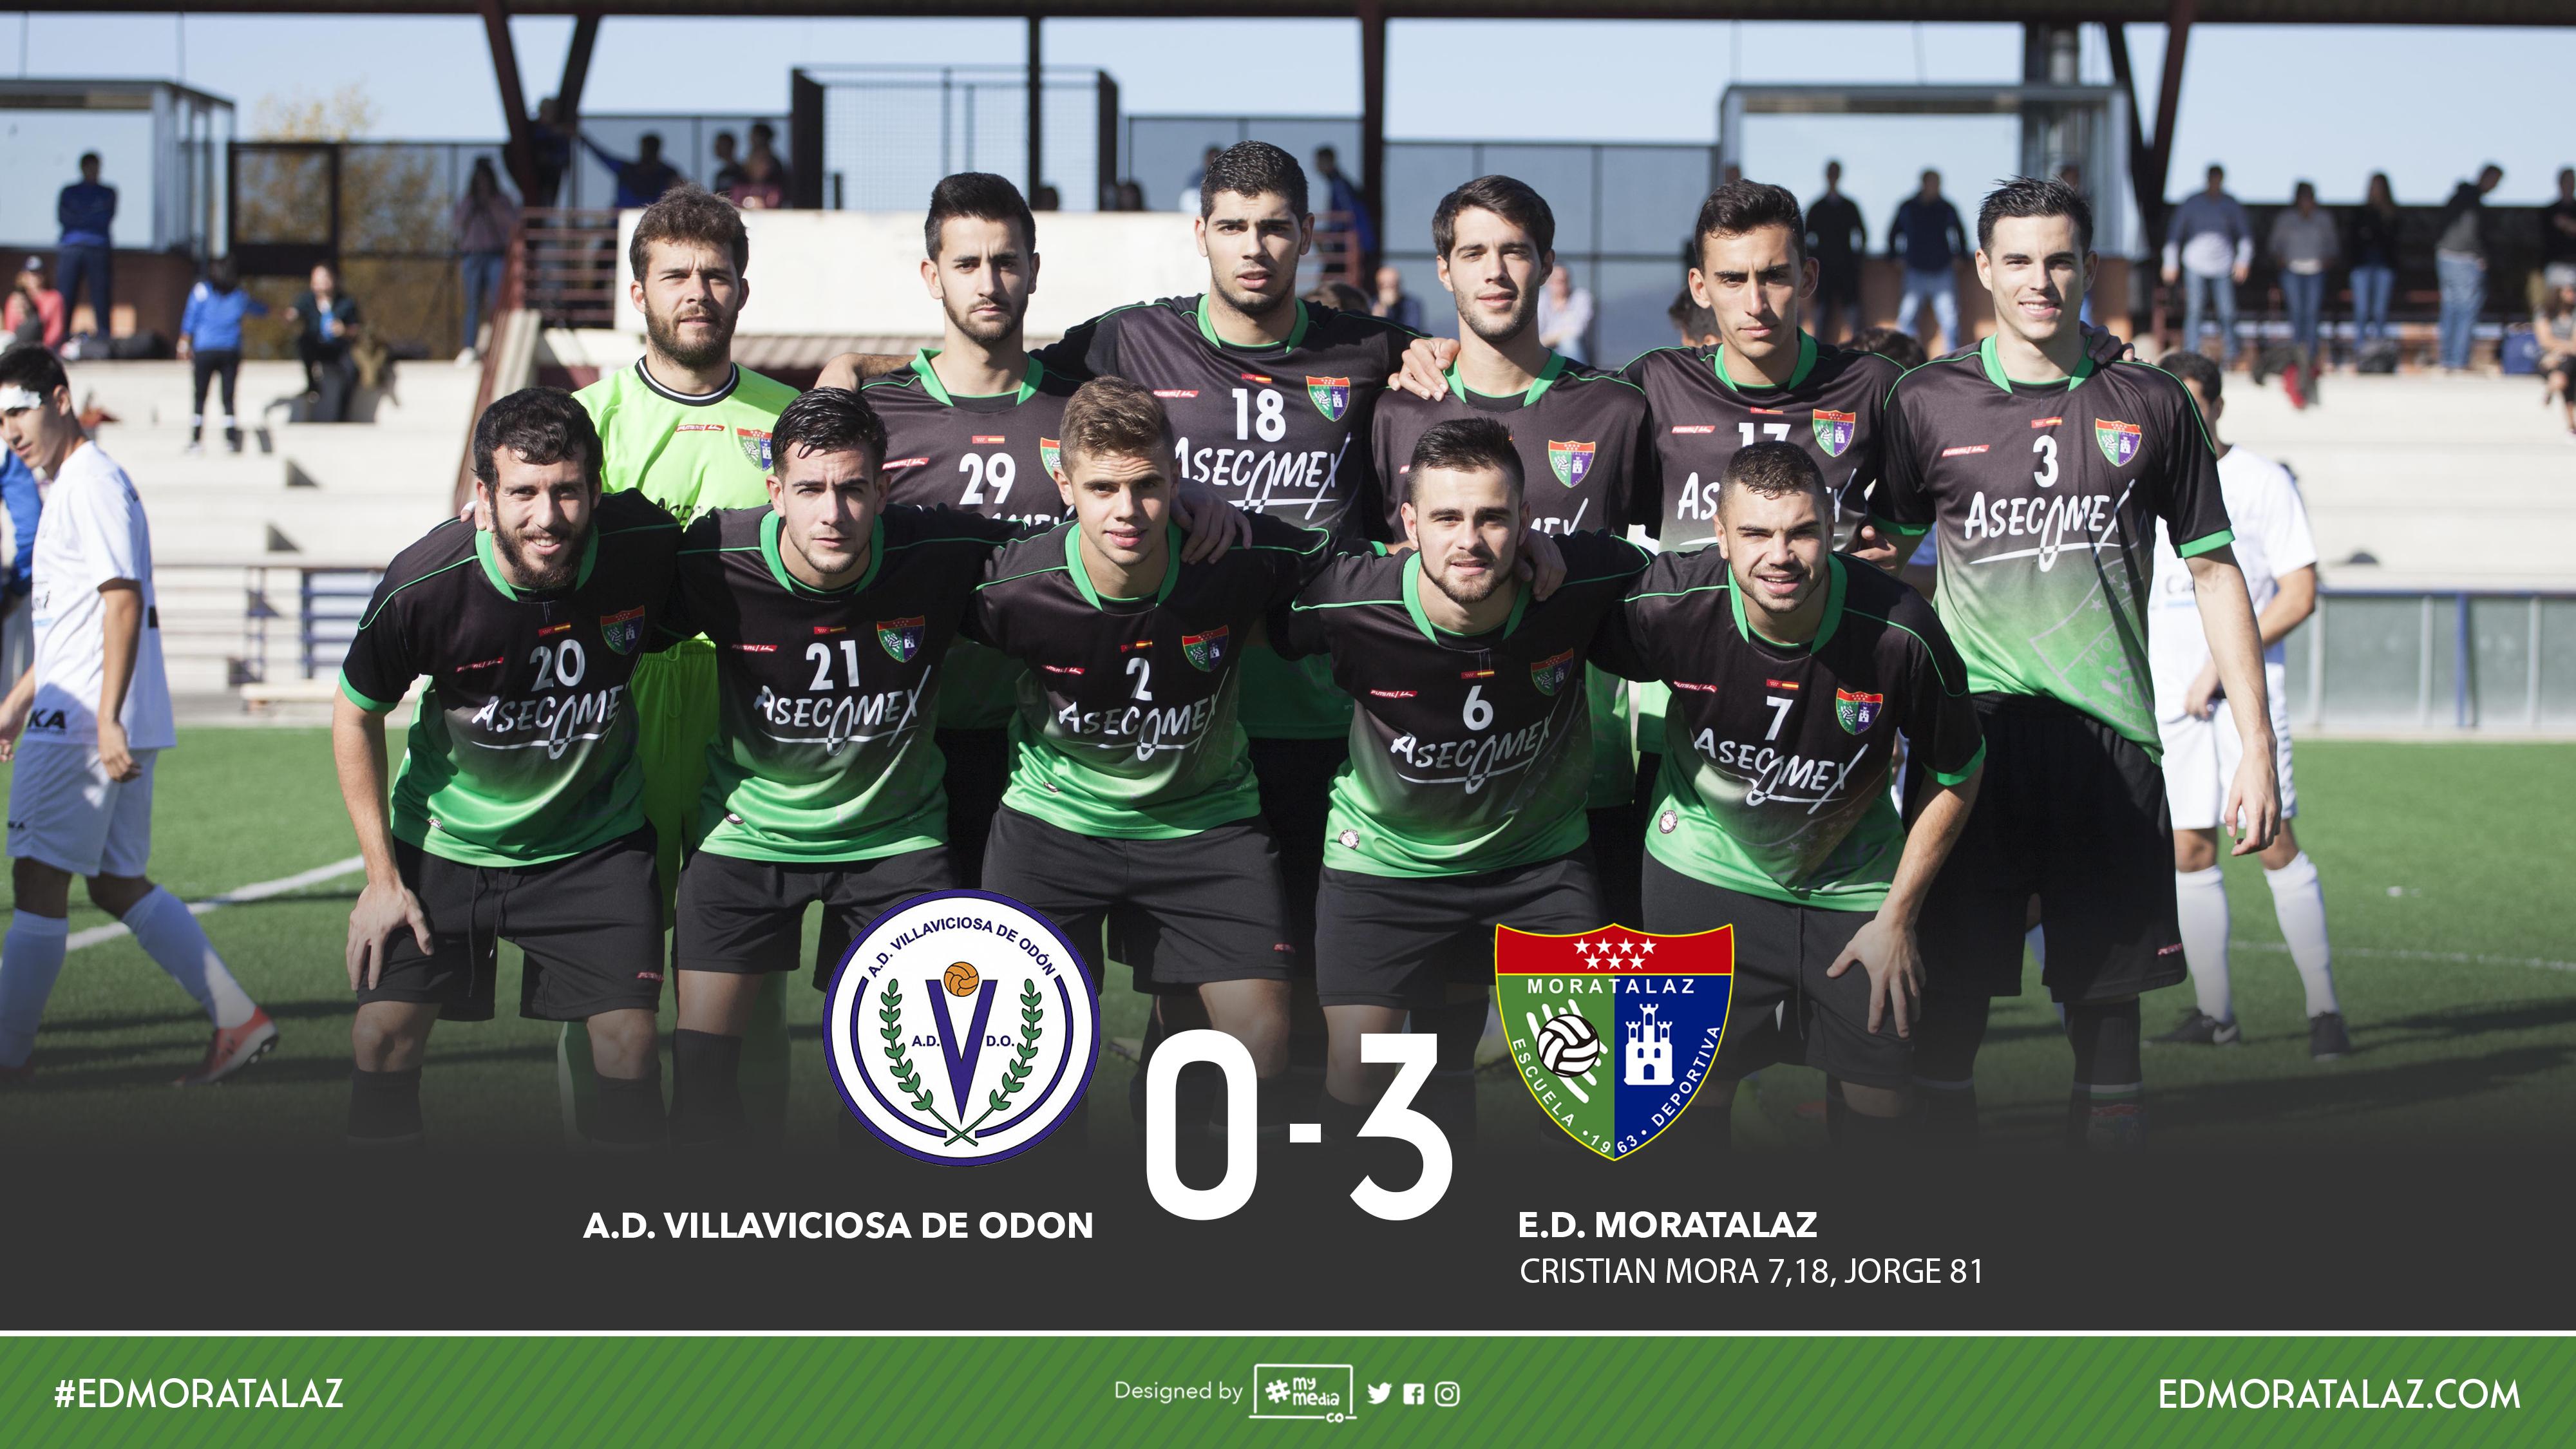 Fotos y vídeo resumen del partido Villaviciosa de Odón 0-3 Primer Equipo